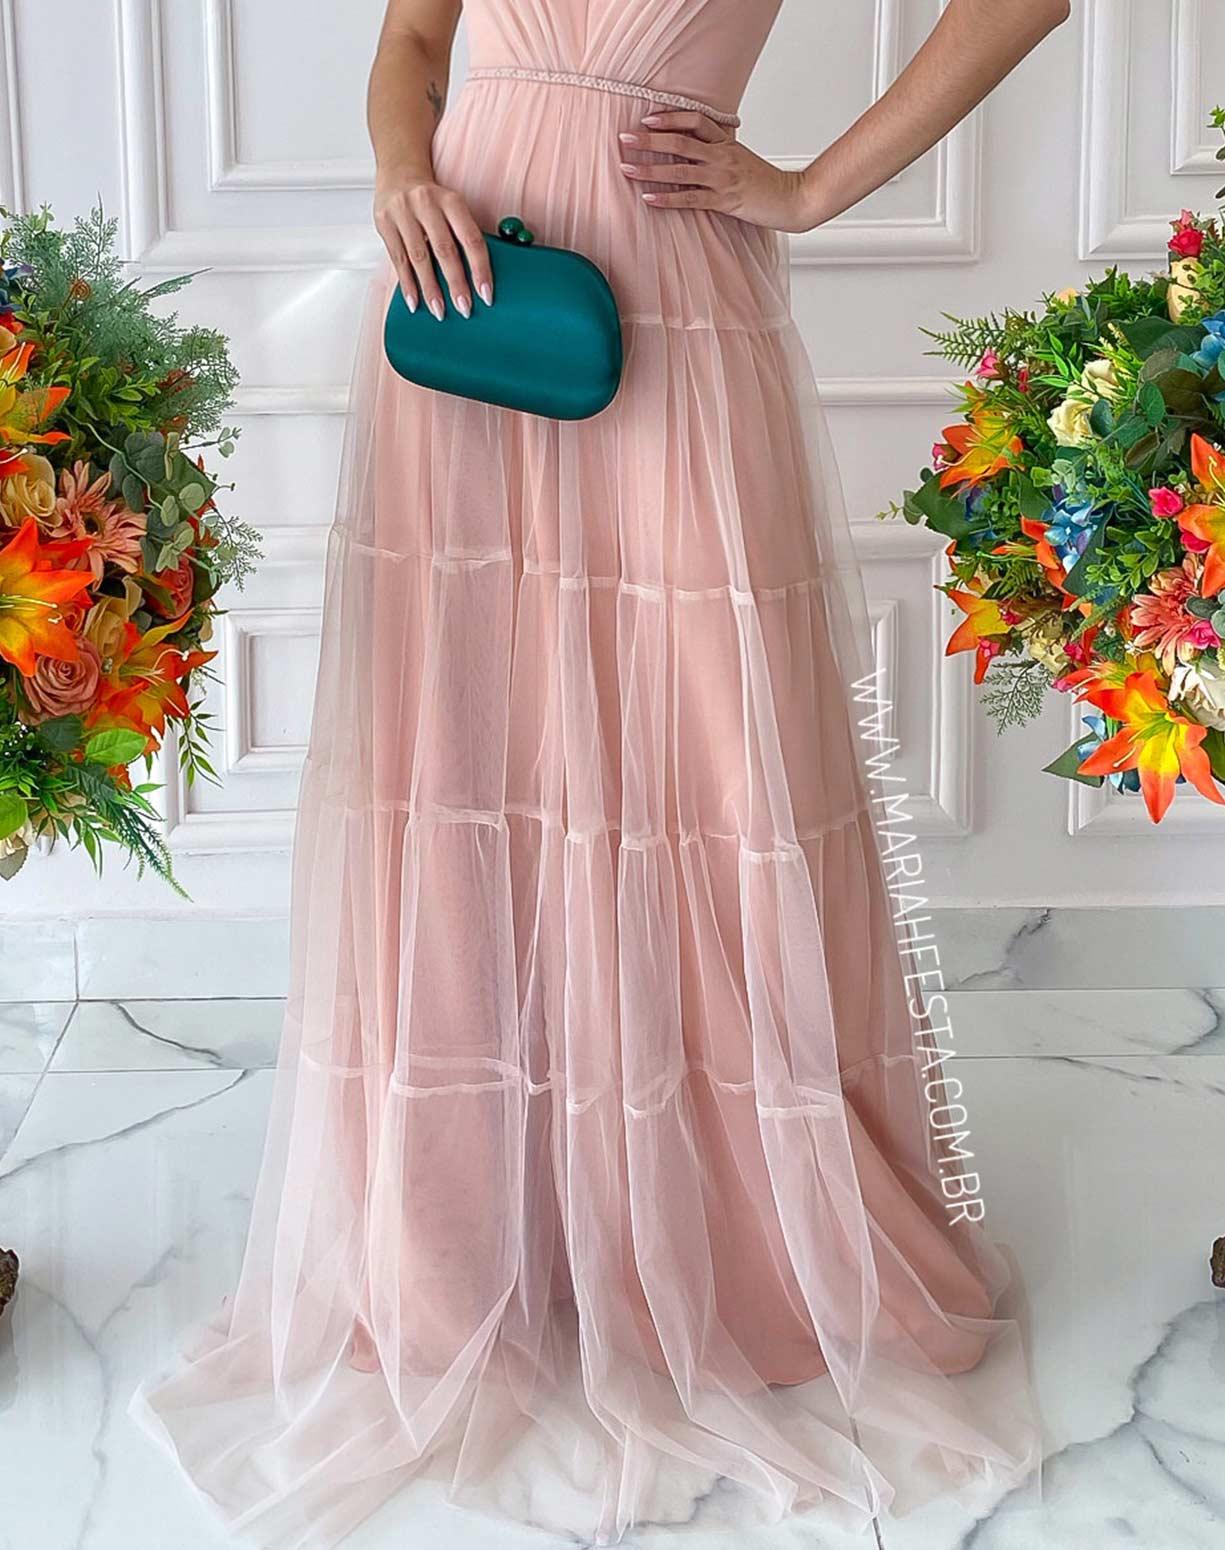 Vestido Nude Rosado em Tule com Saia Evasê em Camadas